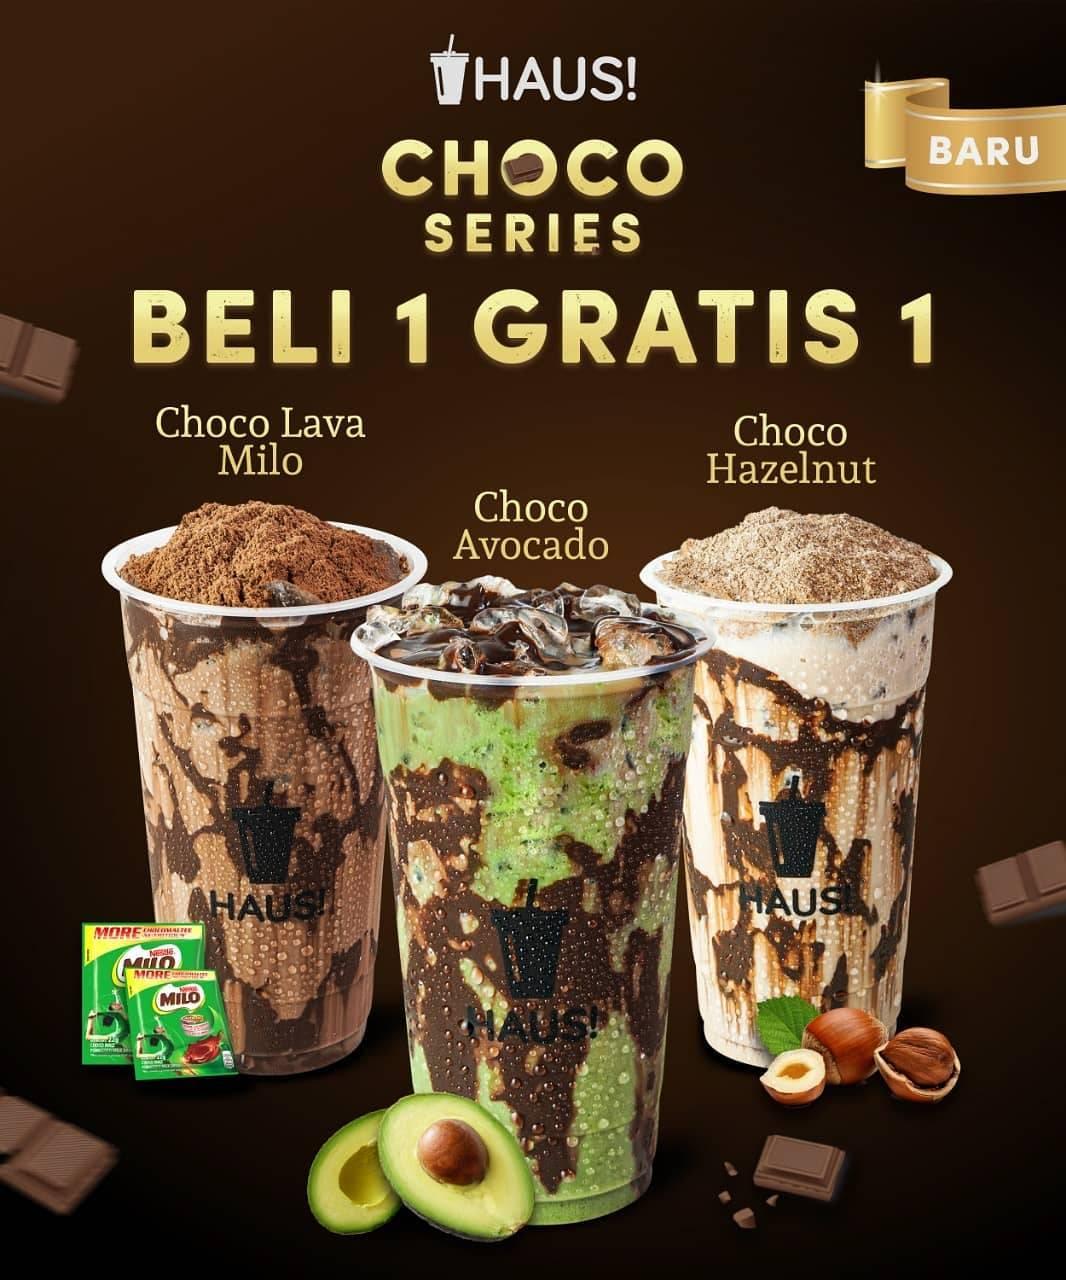 HAUS! Promo Choco Series Beli 1 Gratis 1 Choco Lava Milo, Choco Avocado, Choco Hazelnut